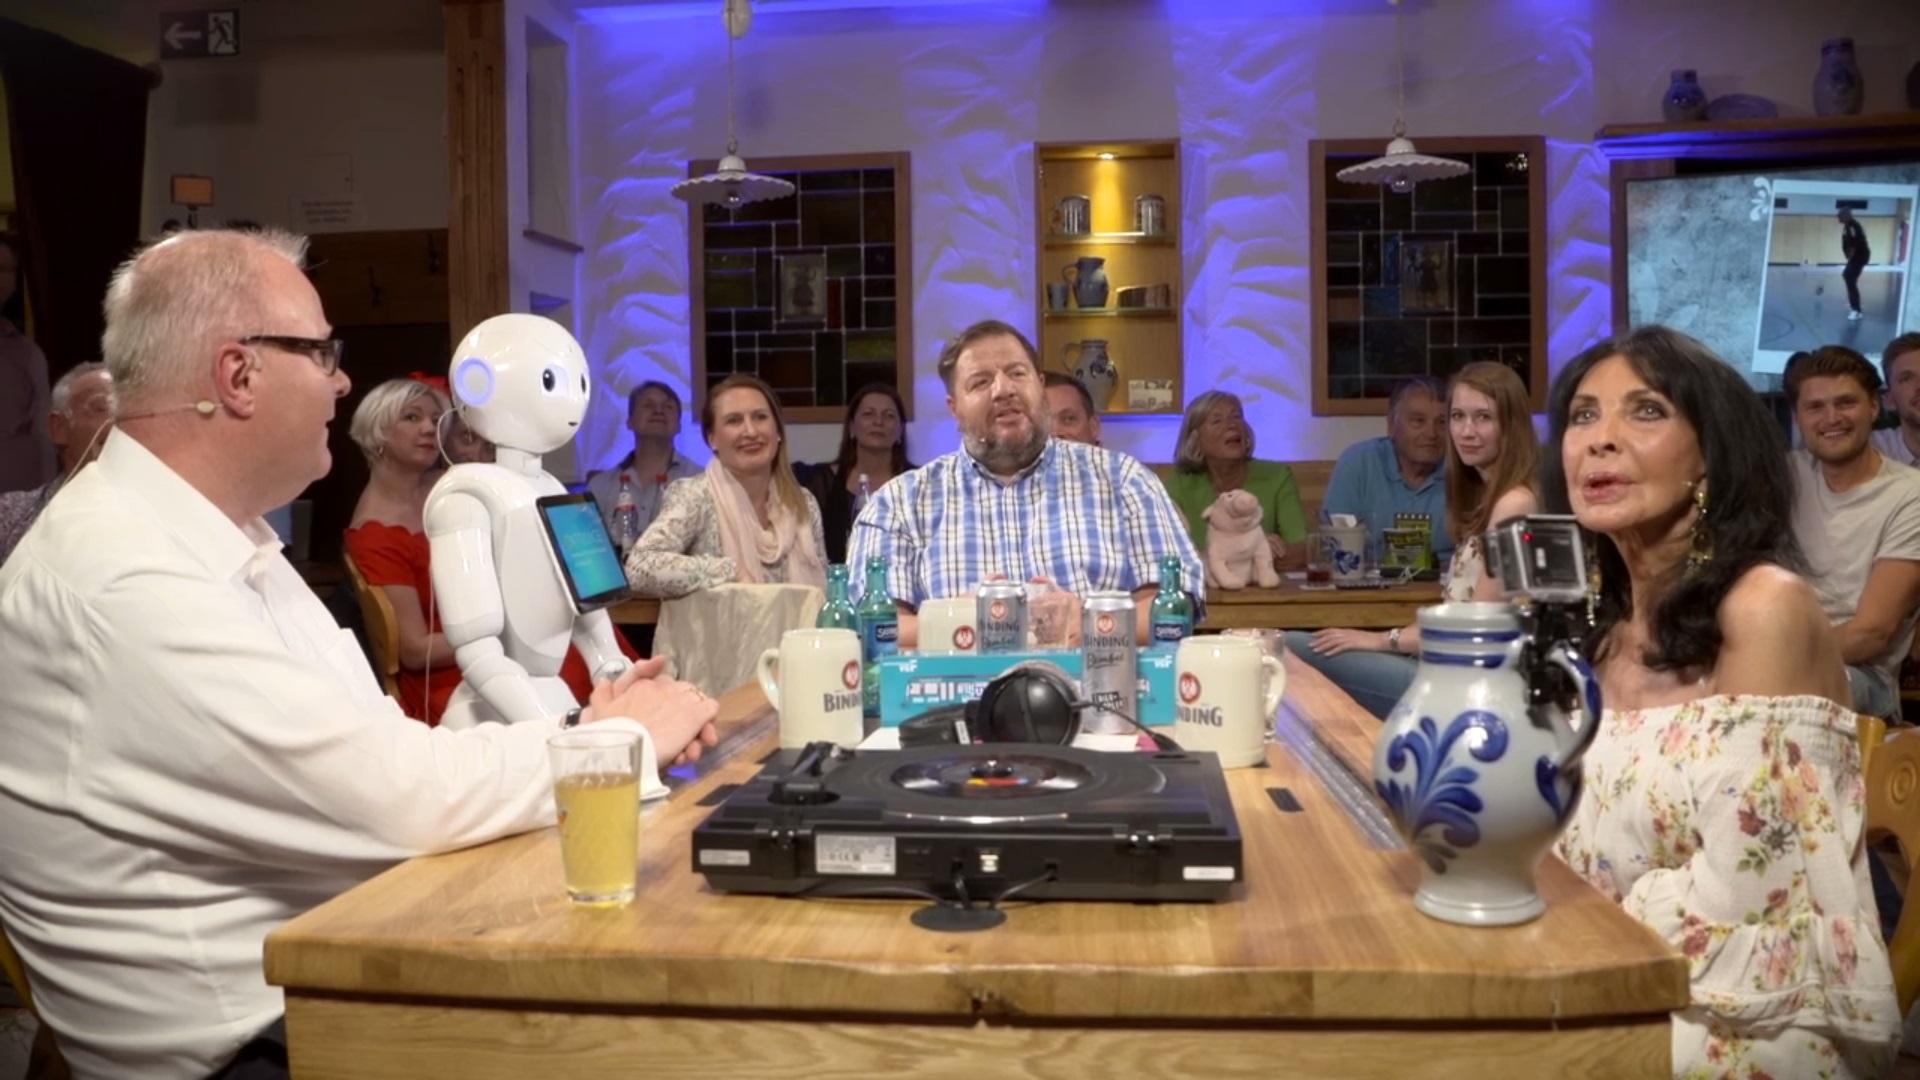 Bembel & Gebabbel – Folge 34 mit Dr. Thomas Schäfer, Dunja Rajter & Pepperb